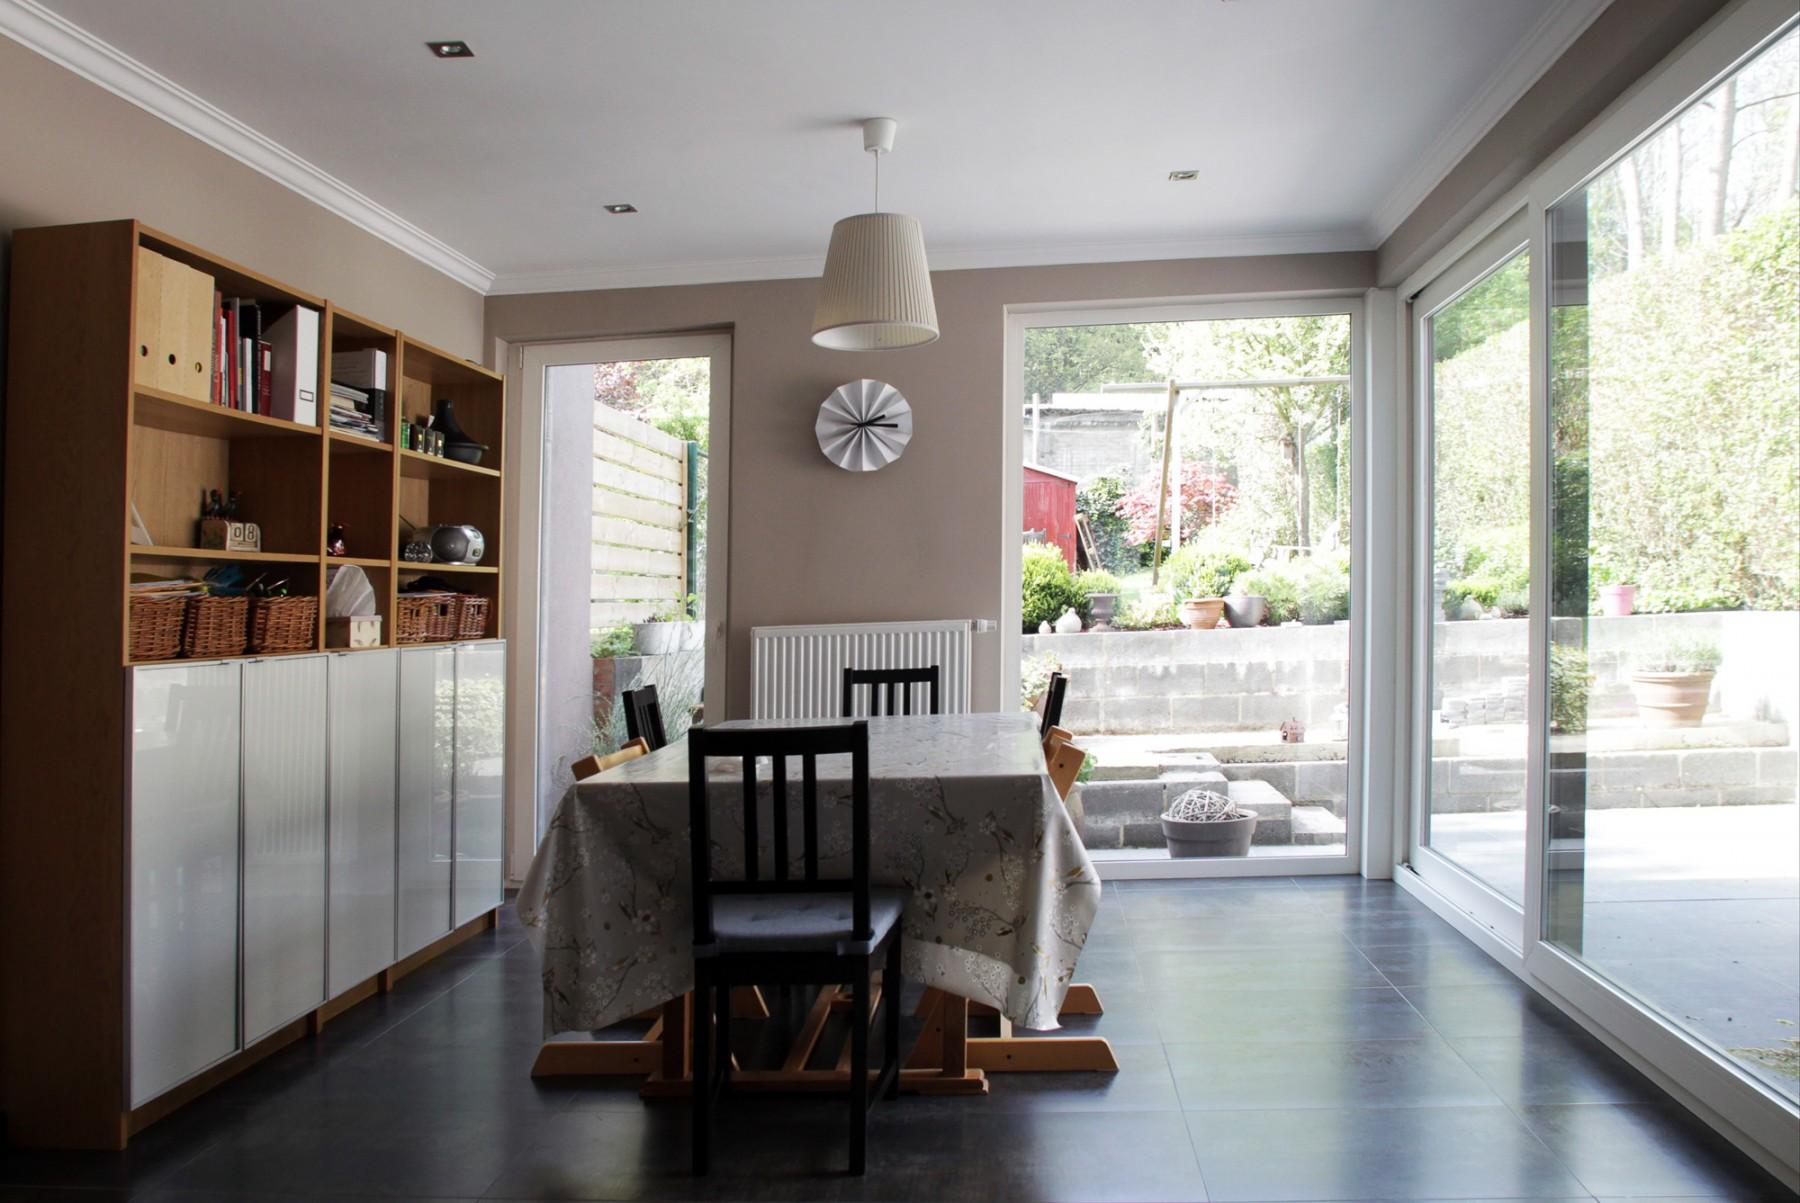 merni 005. Black Bedroom Furniture Sets. Home Design Ideas